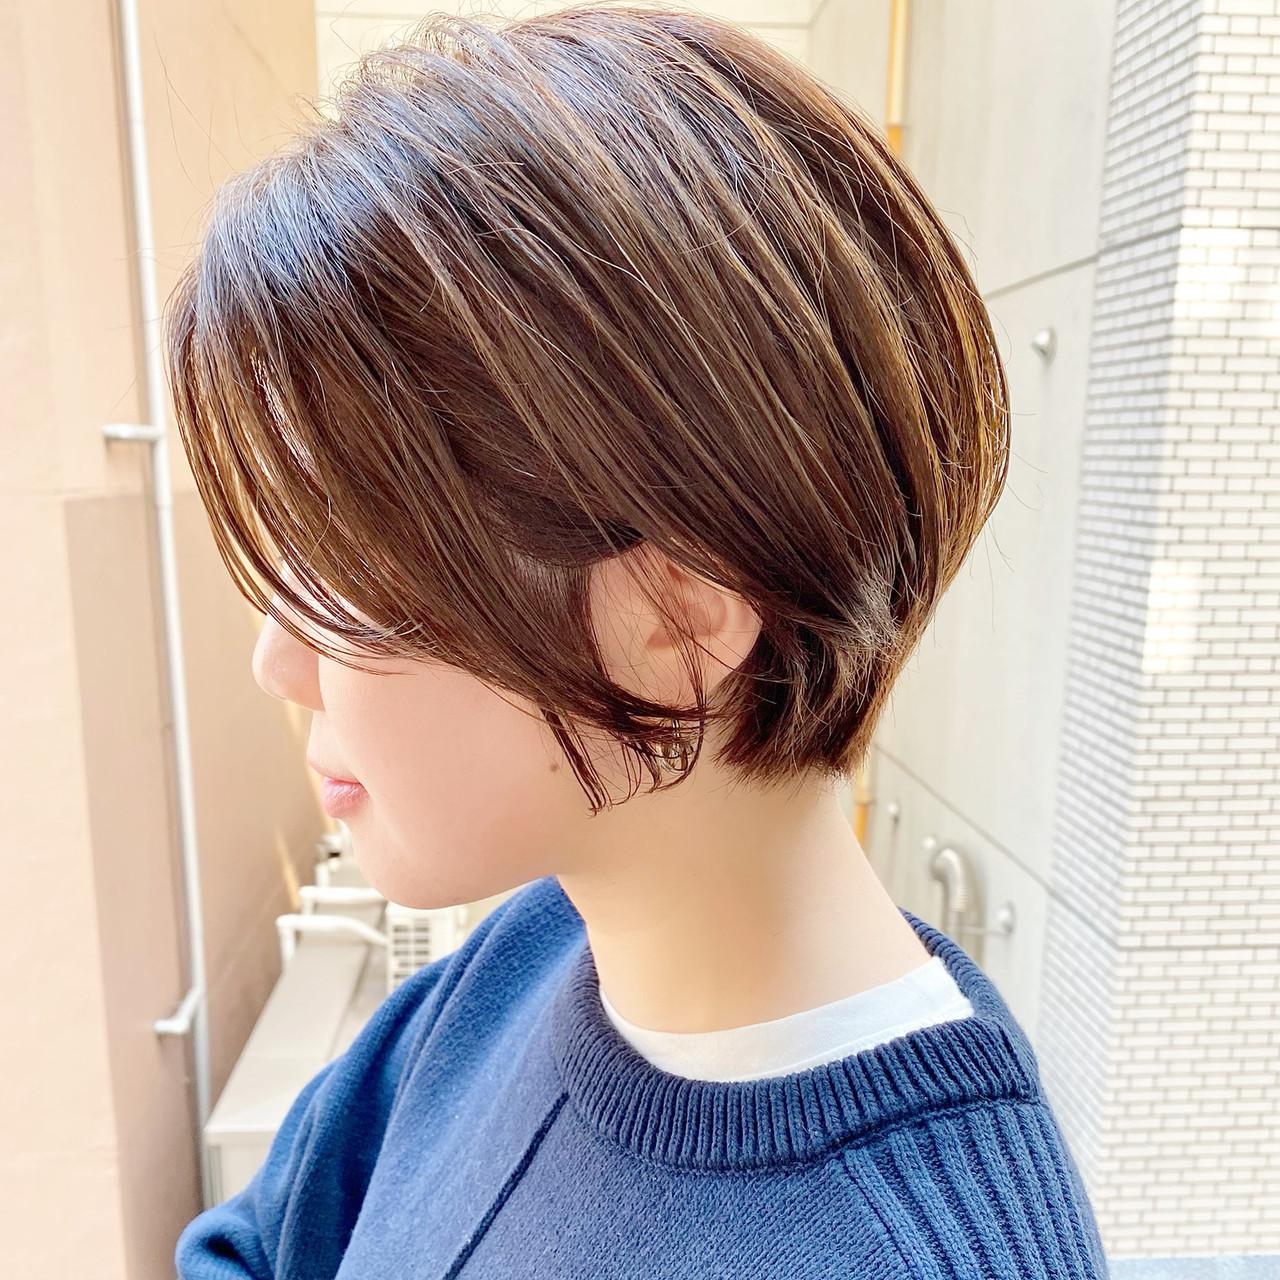 デート ナチュラル ベリーショート ショートボブ ヘアスタイルや髪型の写真・画像